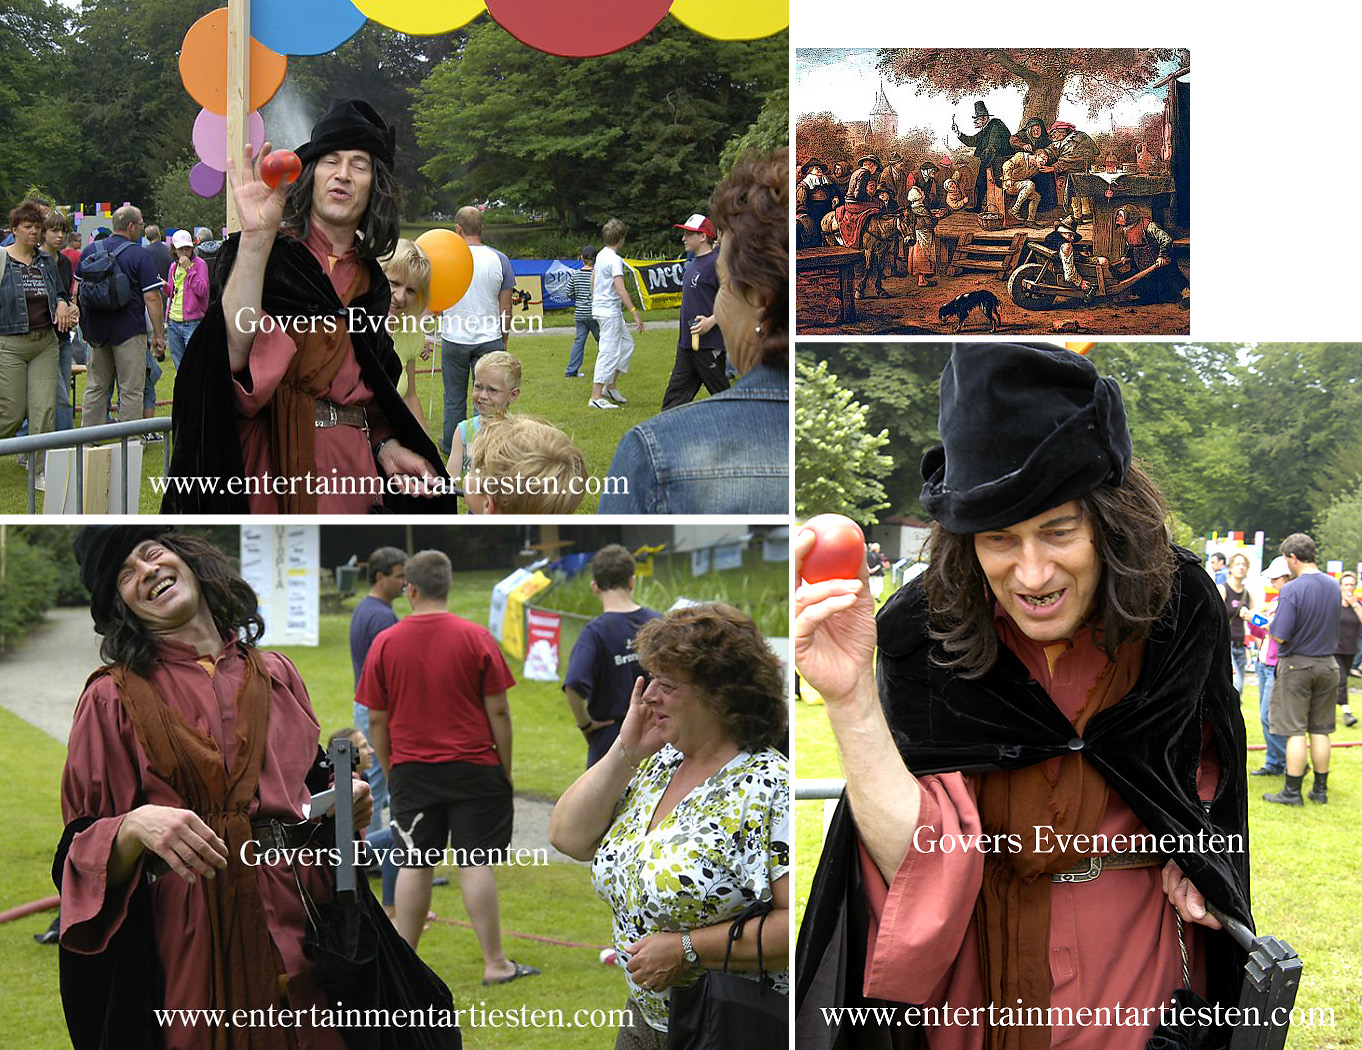 Straattheater, animatie, acteur, oudhollands, hollands, middeleeuws straattheater, de Kwakzalver, kwakzalverij, humor, voor winkelcentrum en festival, Govers Evenementen, www.goversartiesten.nl